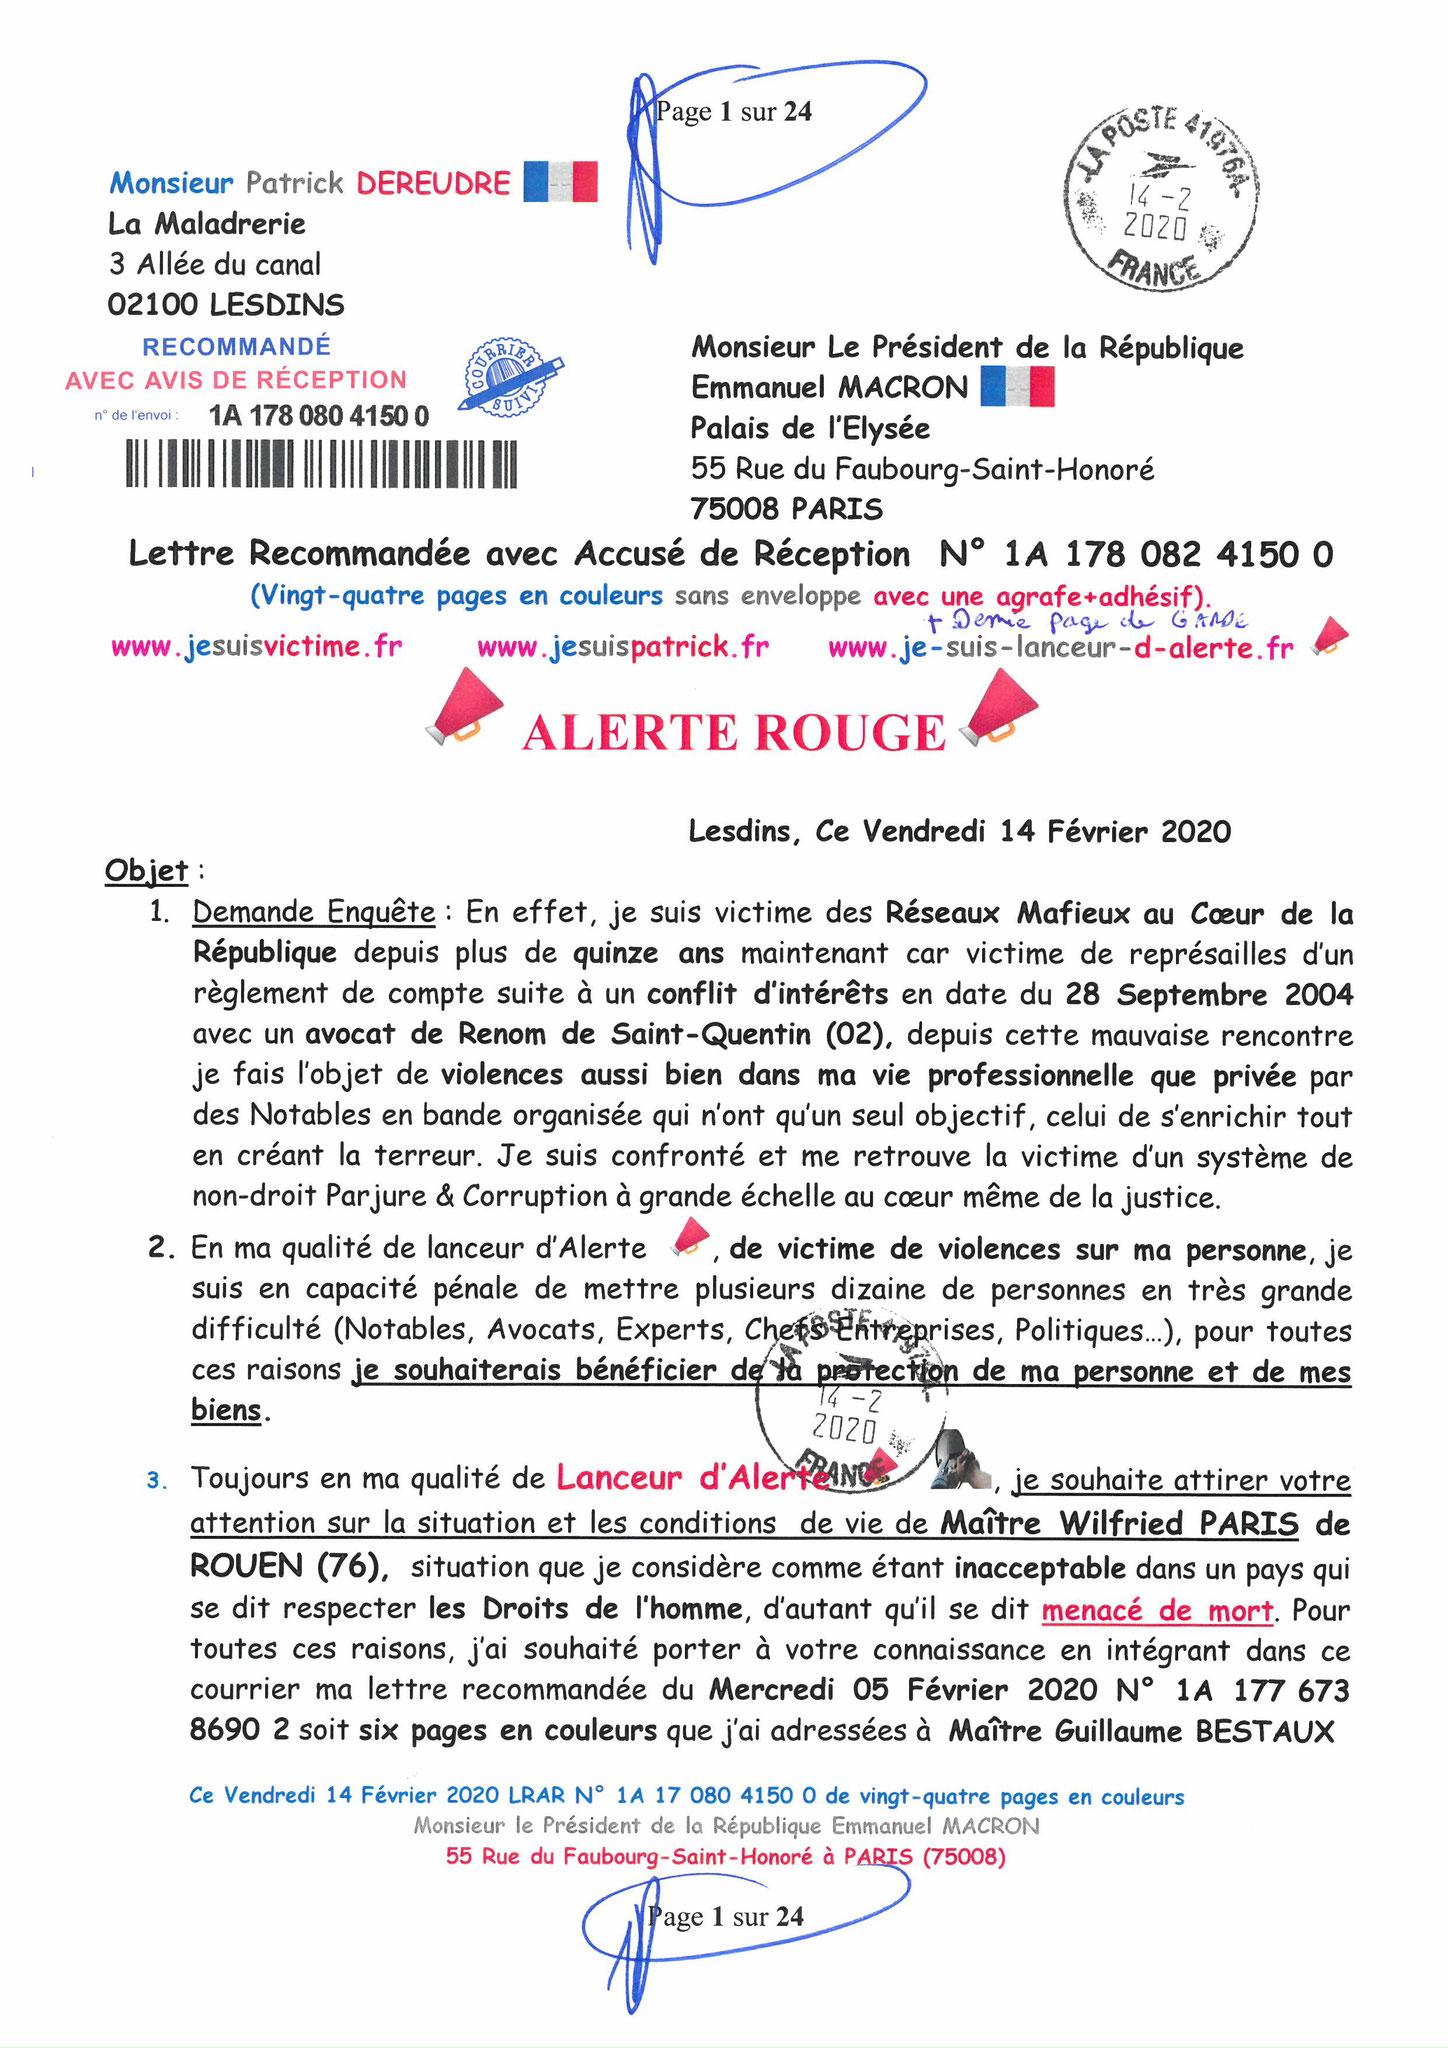 Ma lettre recommandée du 14 Février 2020 N° 1A 178 082 4150 0  page 1 sur 24 en couleur que j'ai adressé à Monsieur Emmanuel MACRON le Président de la République www.jesuispatrick.fr www.jesuisvictime.fr www.alerte-rouge-france.fr